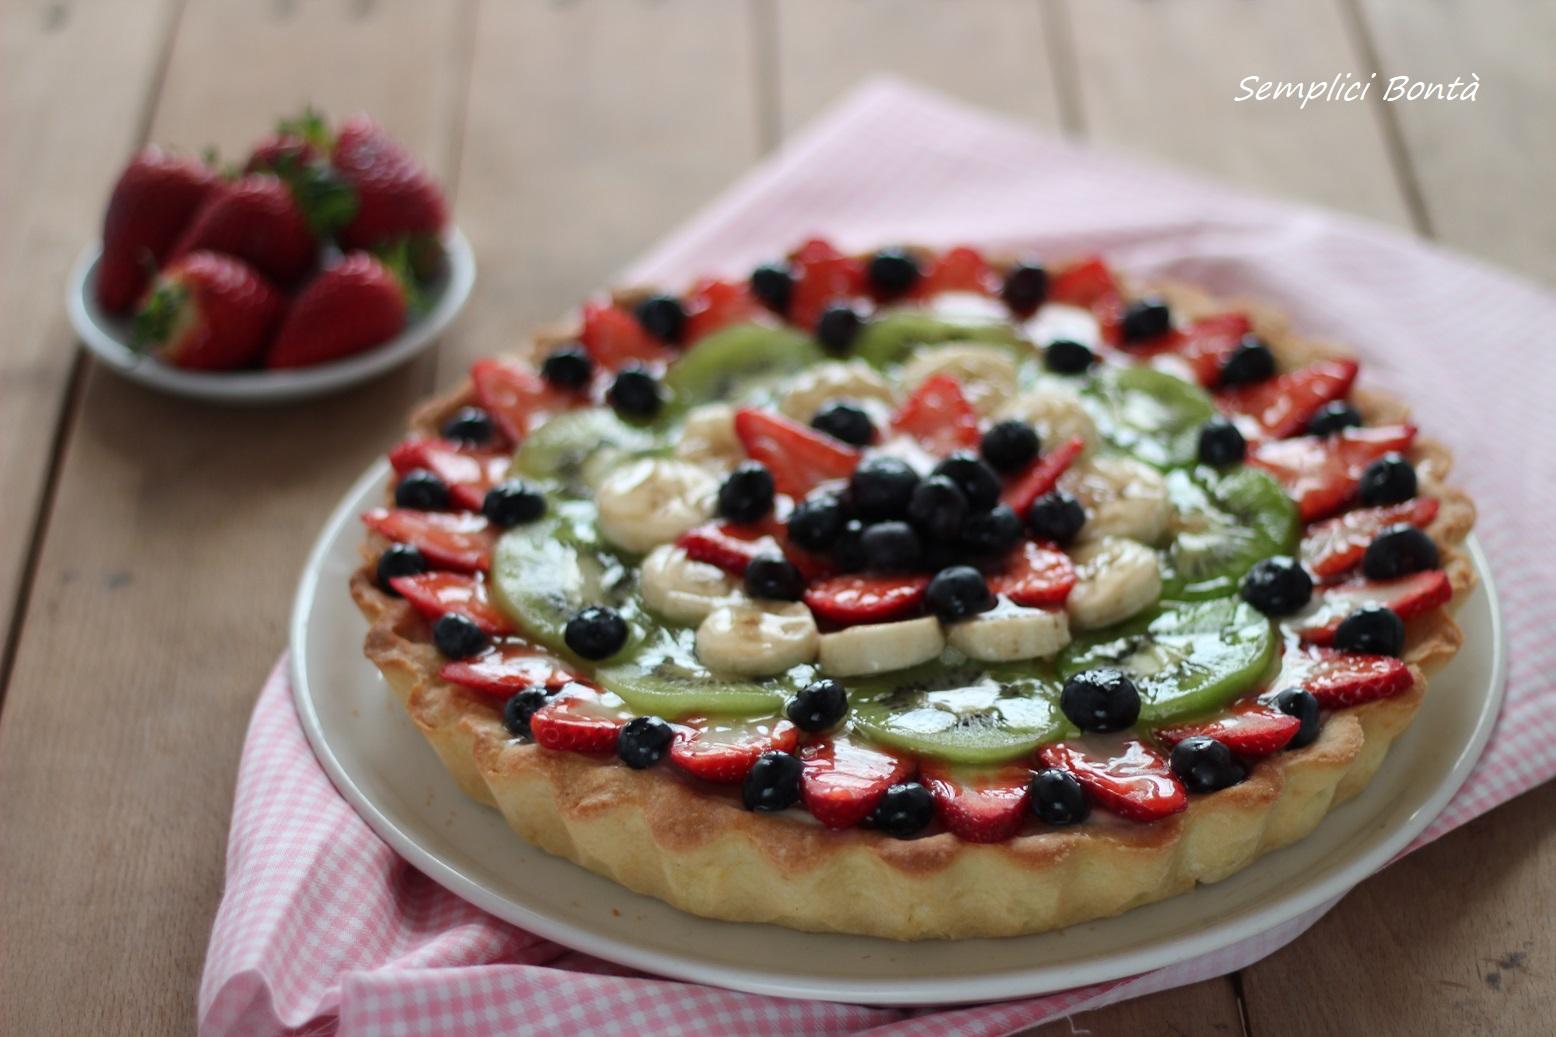 crostata alla frutta fresca